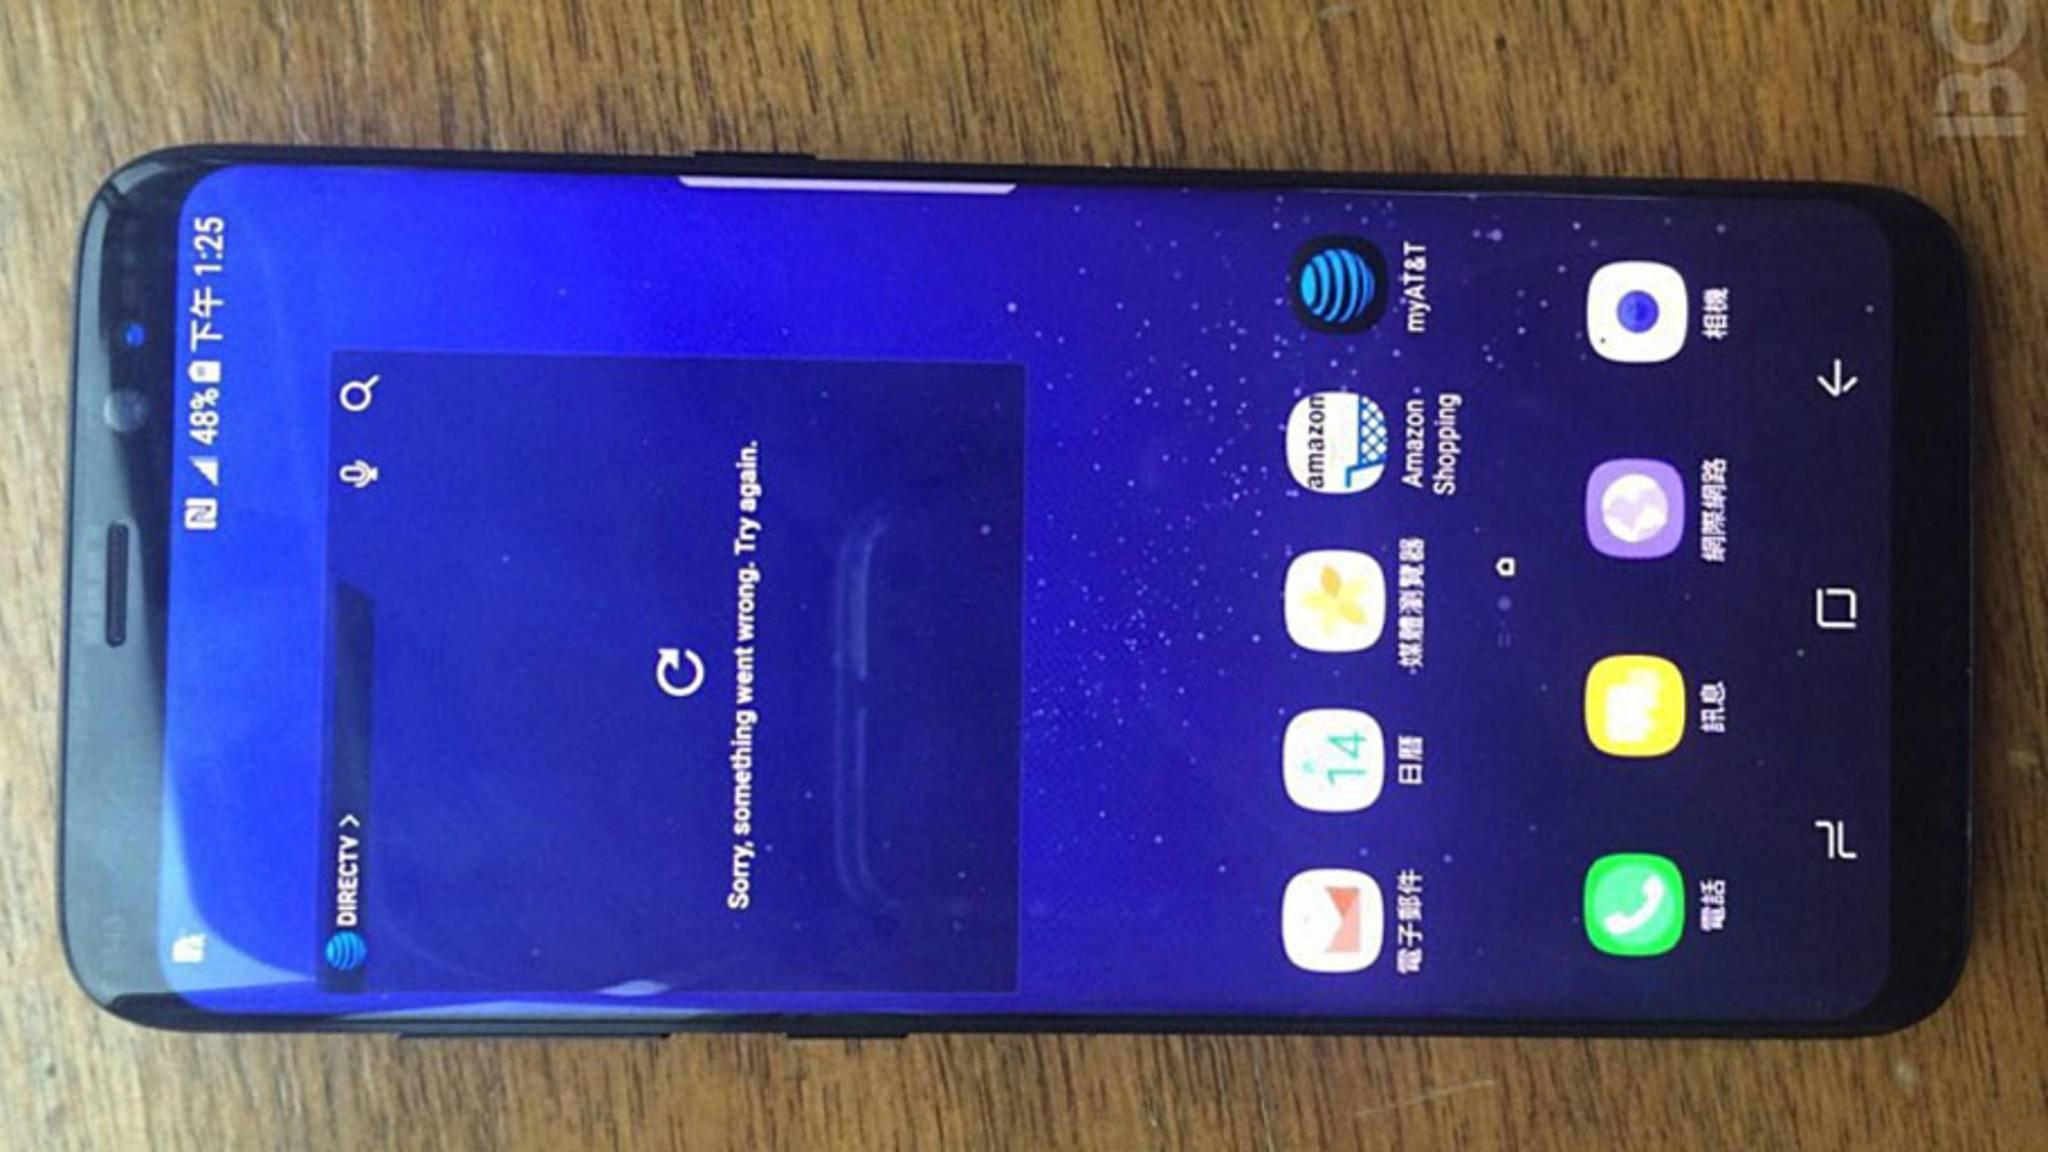 Ein weiteres geleaktes Bild zeigt das Galaxy S8 im eingeschalteten Zustand.